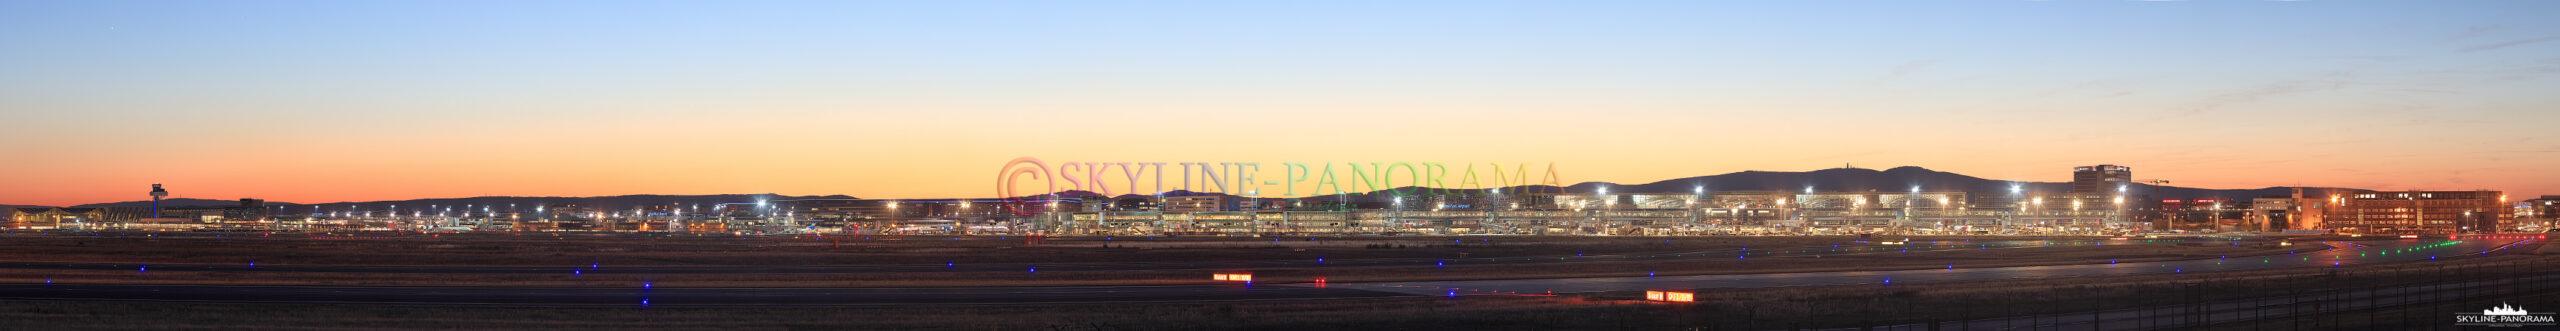 Flughafen Frankfurt am Main - Das abendliche Panorama auf Deutschlands größten Flughafen von dem Aussichtspunkt an der A5 Ausfahrt Zeppelinheim zur Goldenen Stunde gesehen.